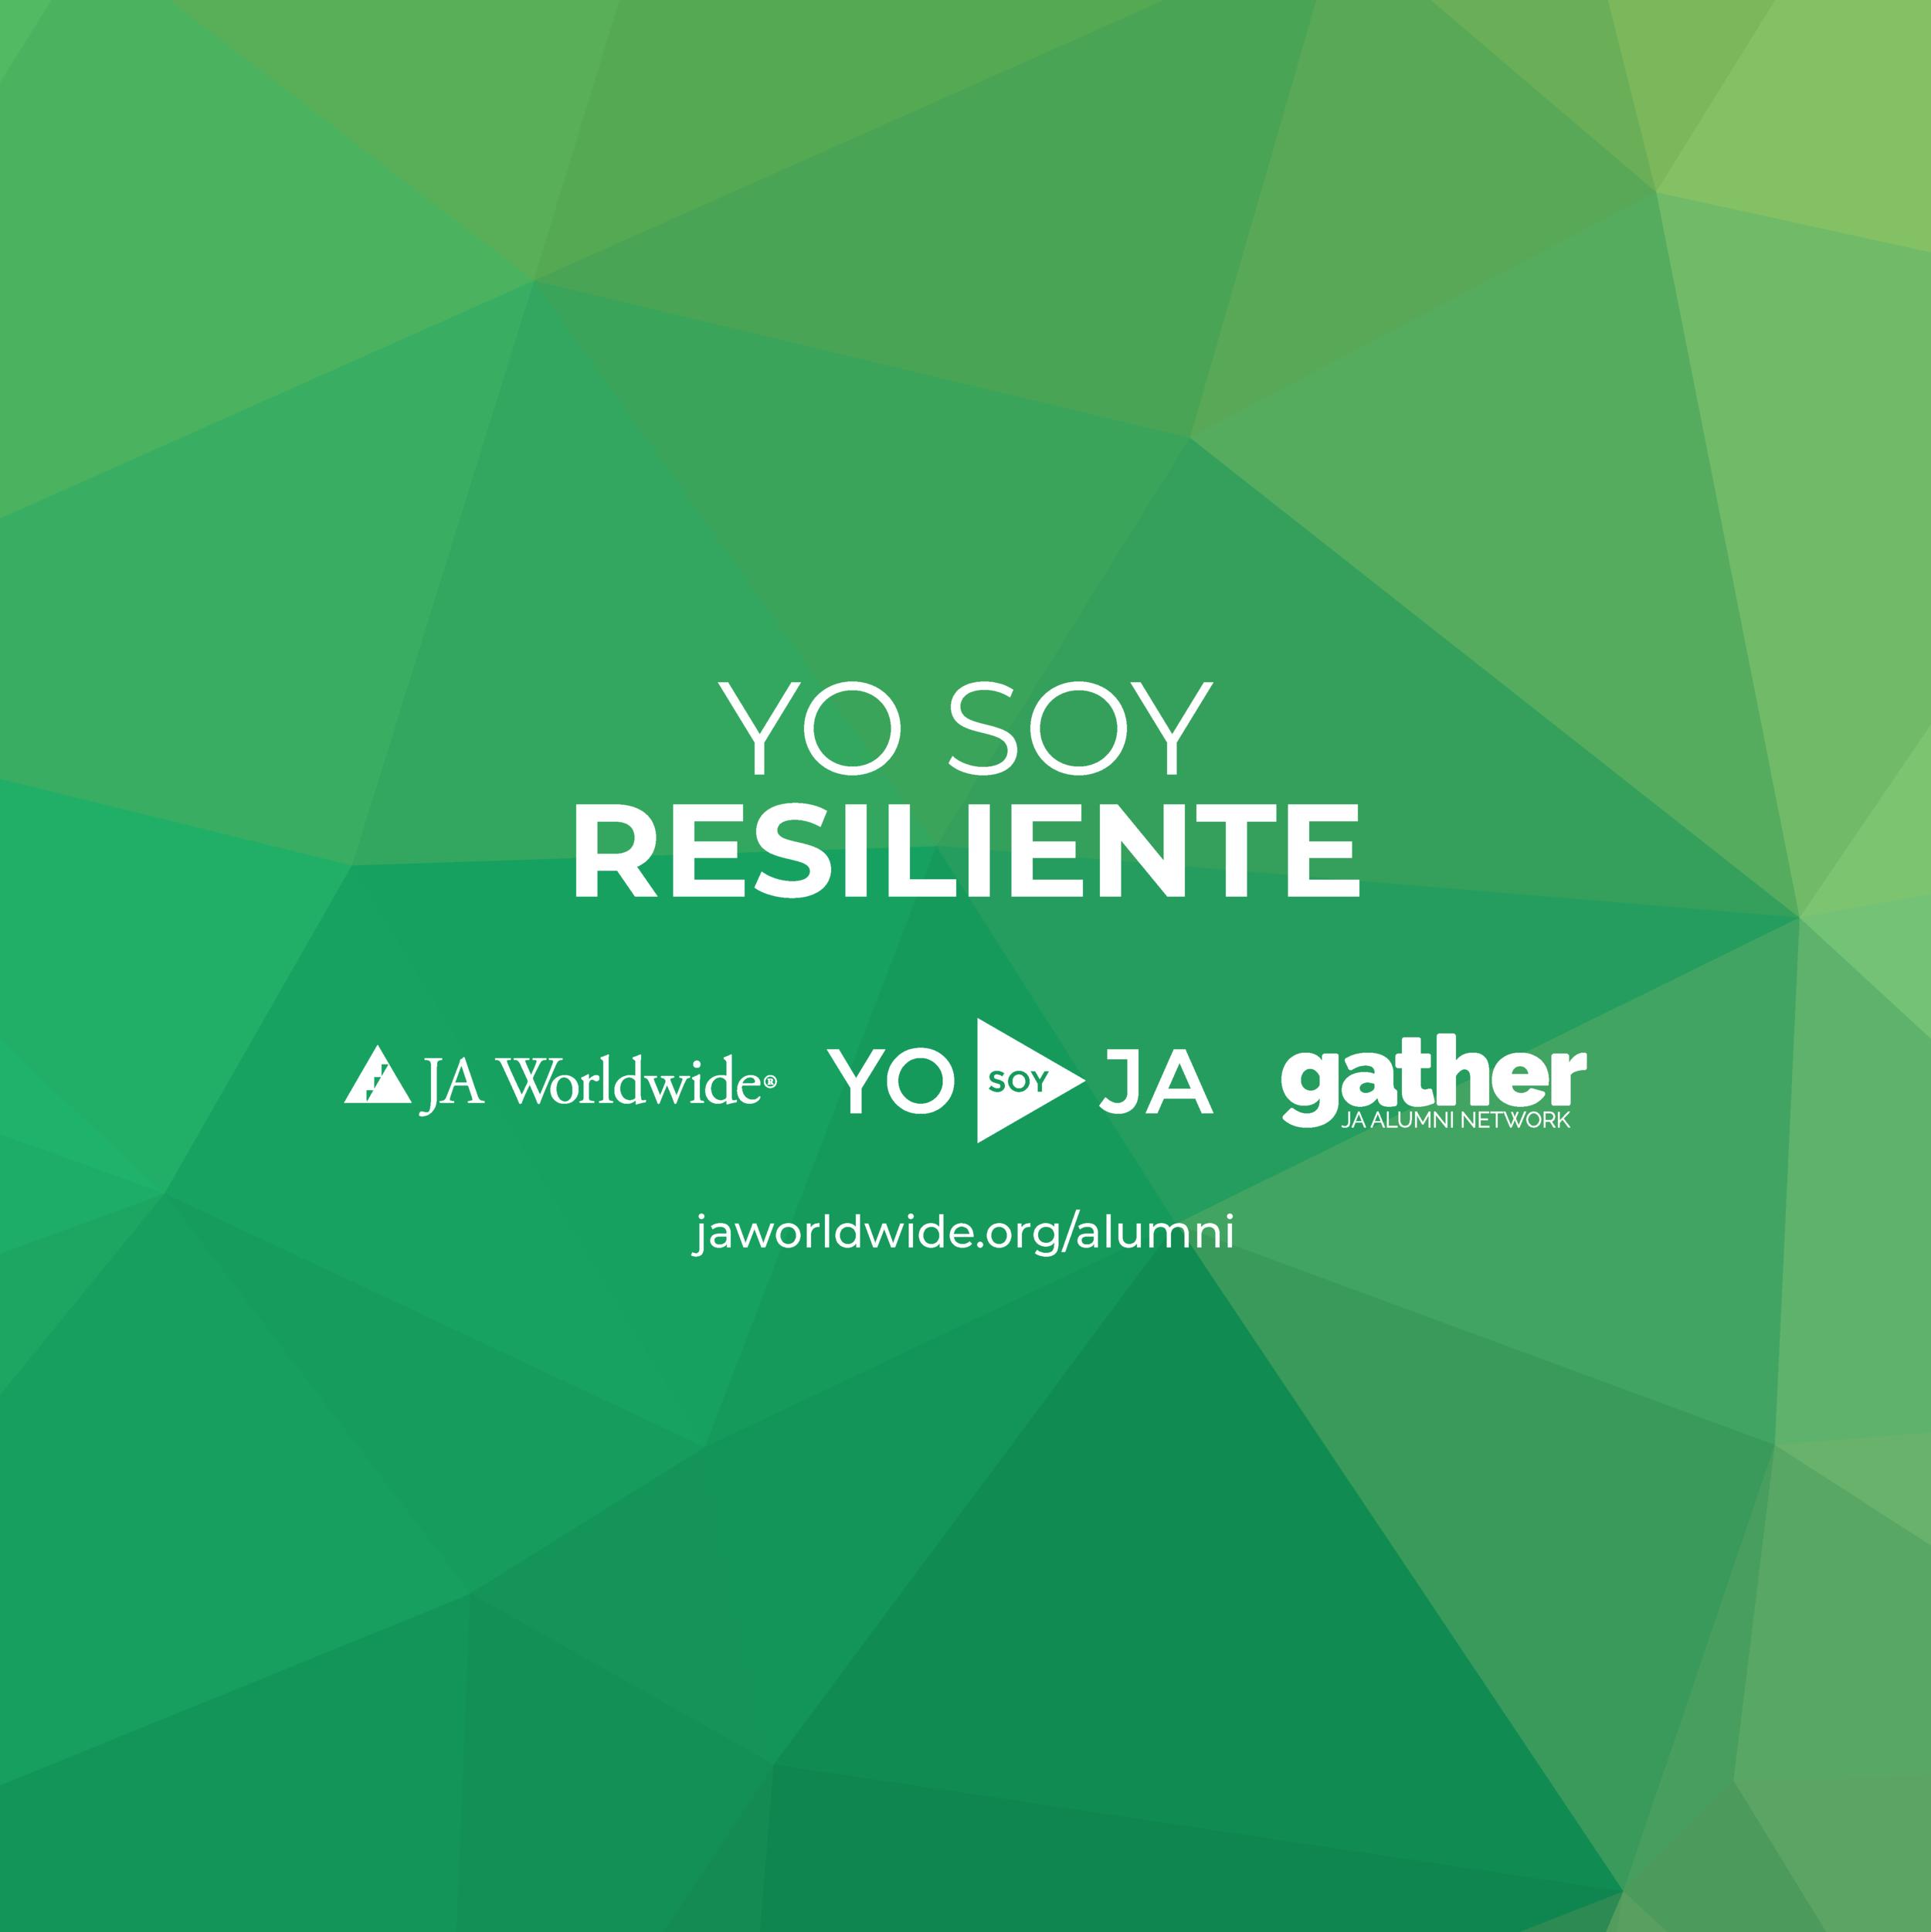 Yo soy resiliente-social post-square.png